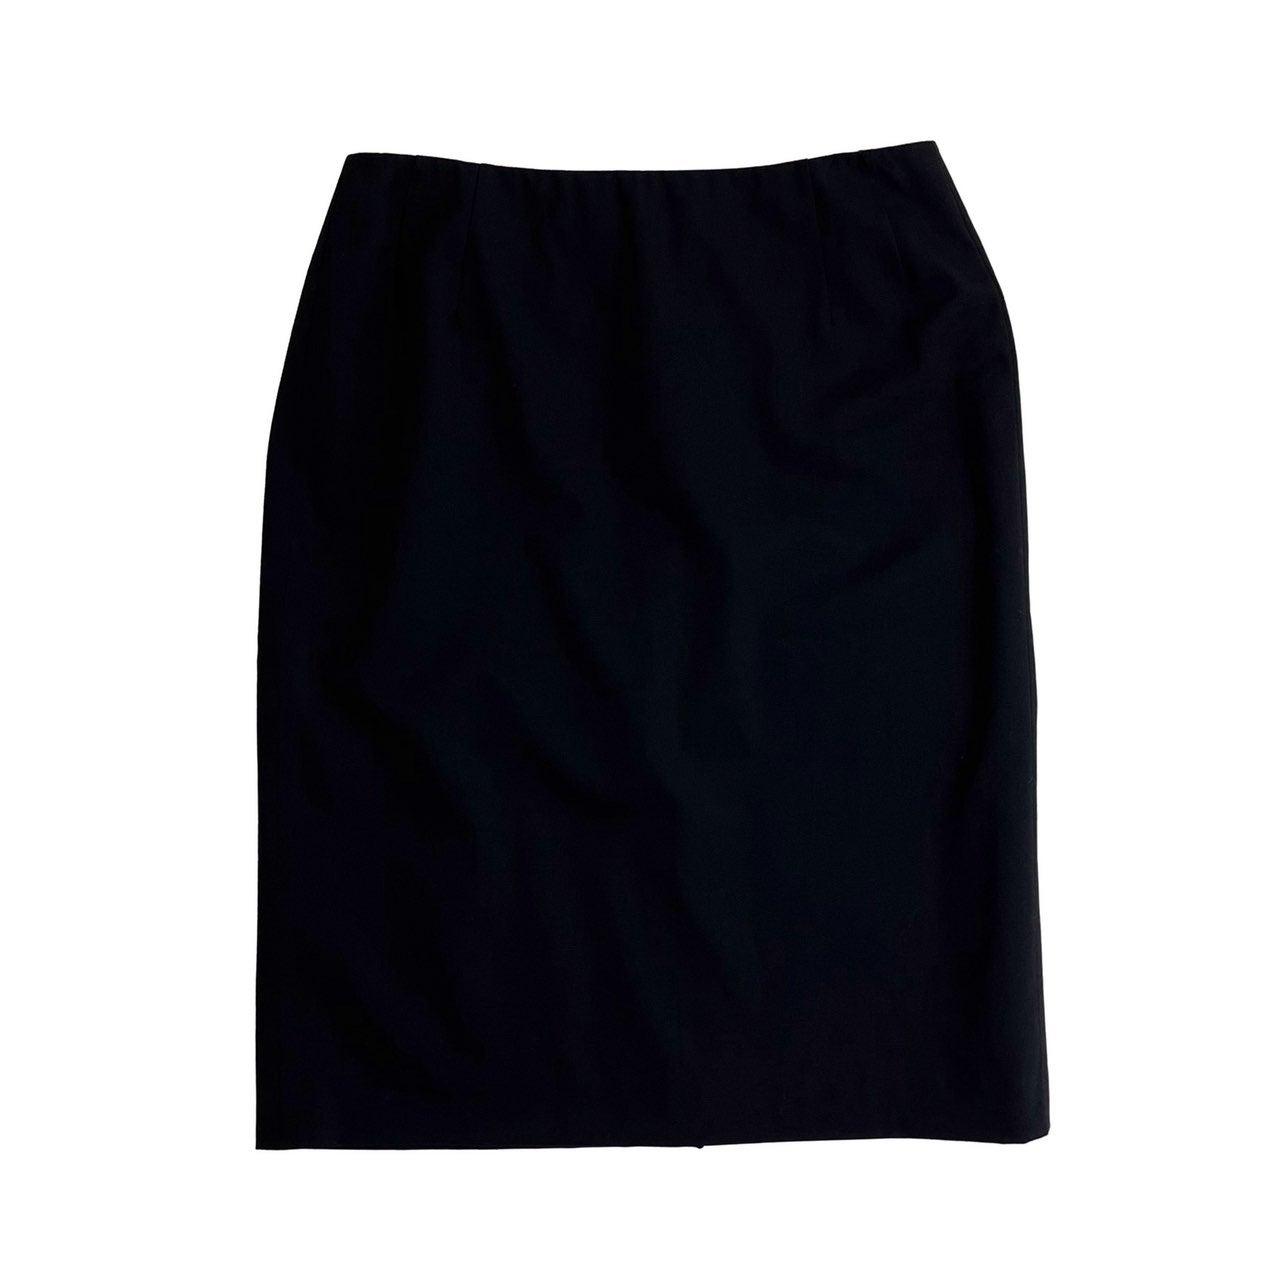 Paul Stuart Vintage Wool Pencil Skirt